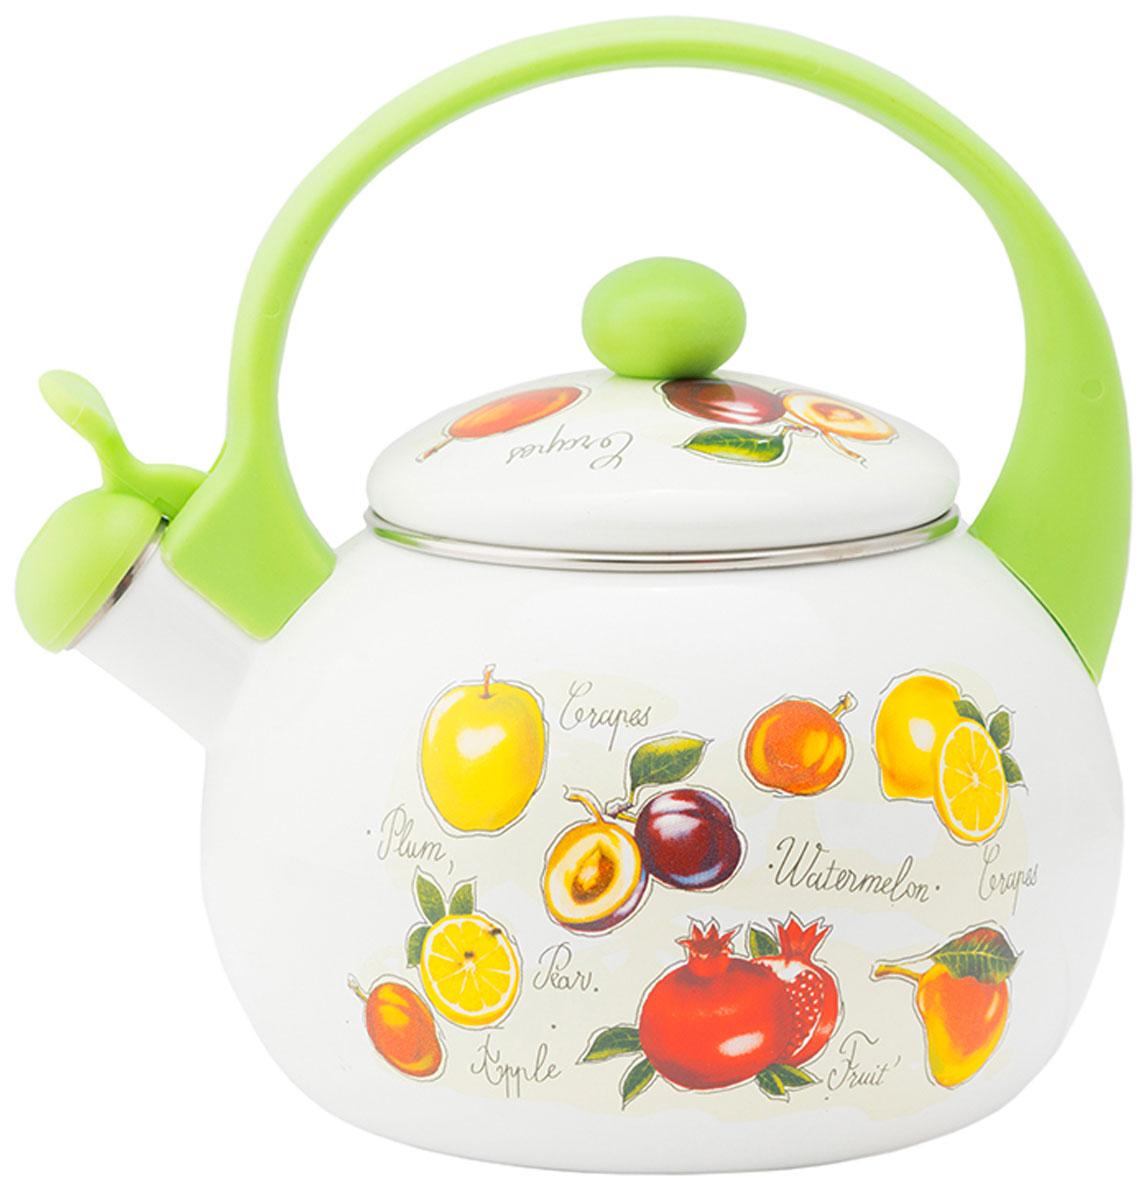 """Чайник эмалированный Appetite """"Гратен-фрукты"""" - гигиеничен и устойчив к износу при длительном использовании. Гладкая и ровная поверхность существенно облегчает уход за посудой."""